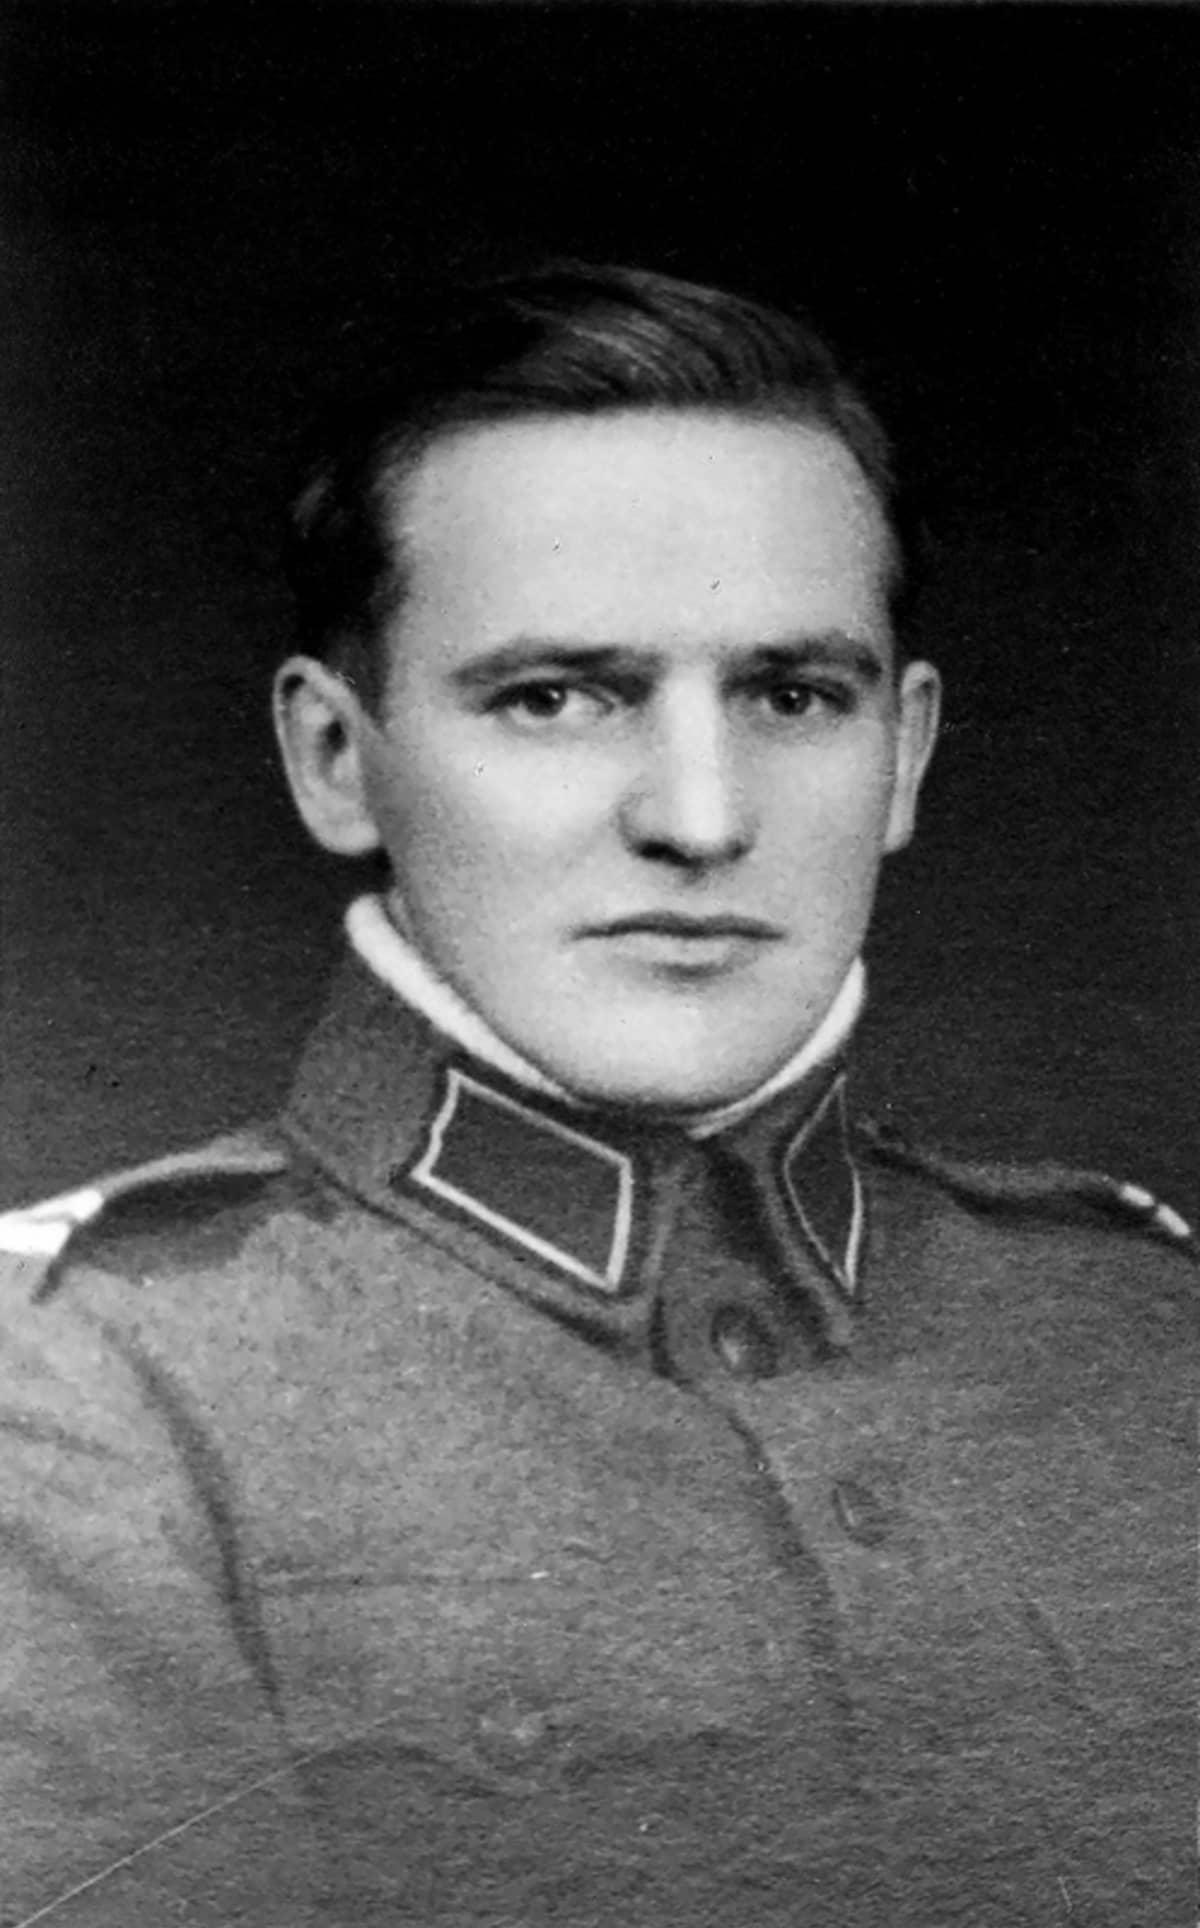 Alokas Hannes Hynönen Viipurin varuskunnassa 1934.